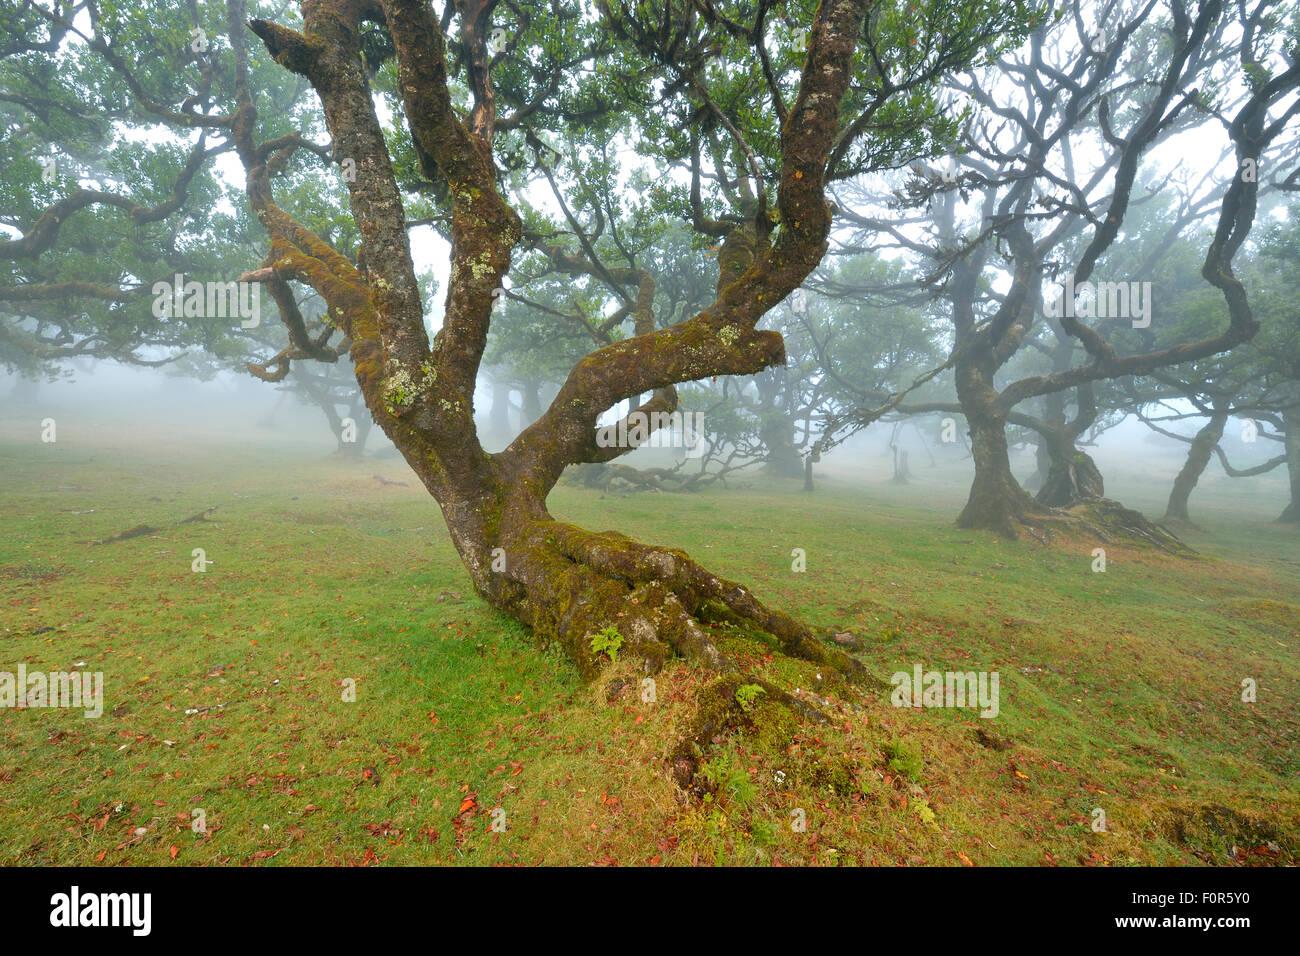 Alten Lorbeerwald oder Lorbeerwald, Stinkwood (Ocotea Foetens) Bäume im Nebel, UNESCO-Weltkulturerbe, Atelier, Stockbild